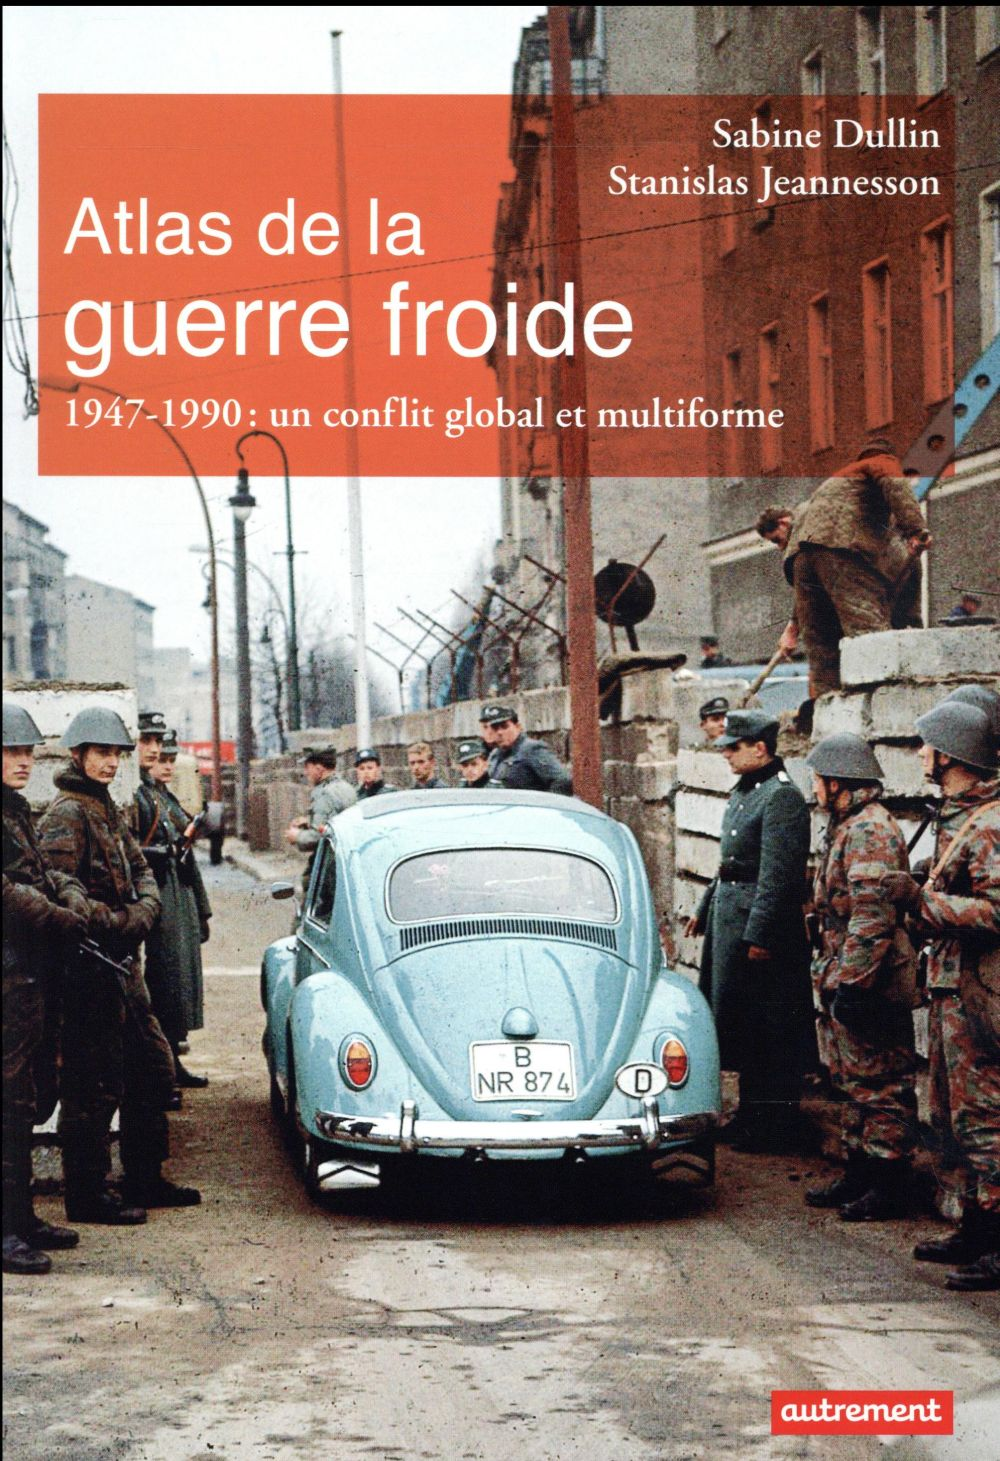 Atlas de la guerre froide ; 1947-1990 : un conflit global et uniforme